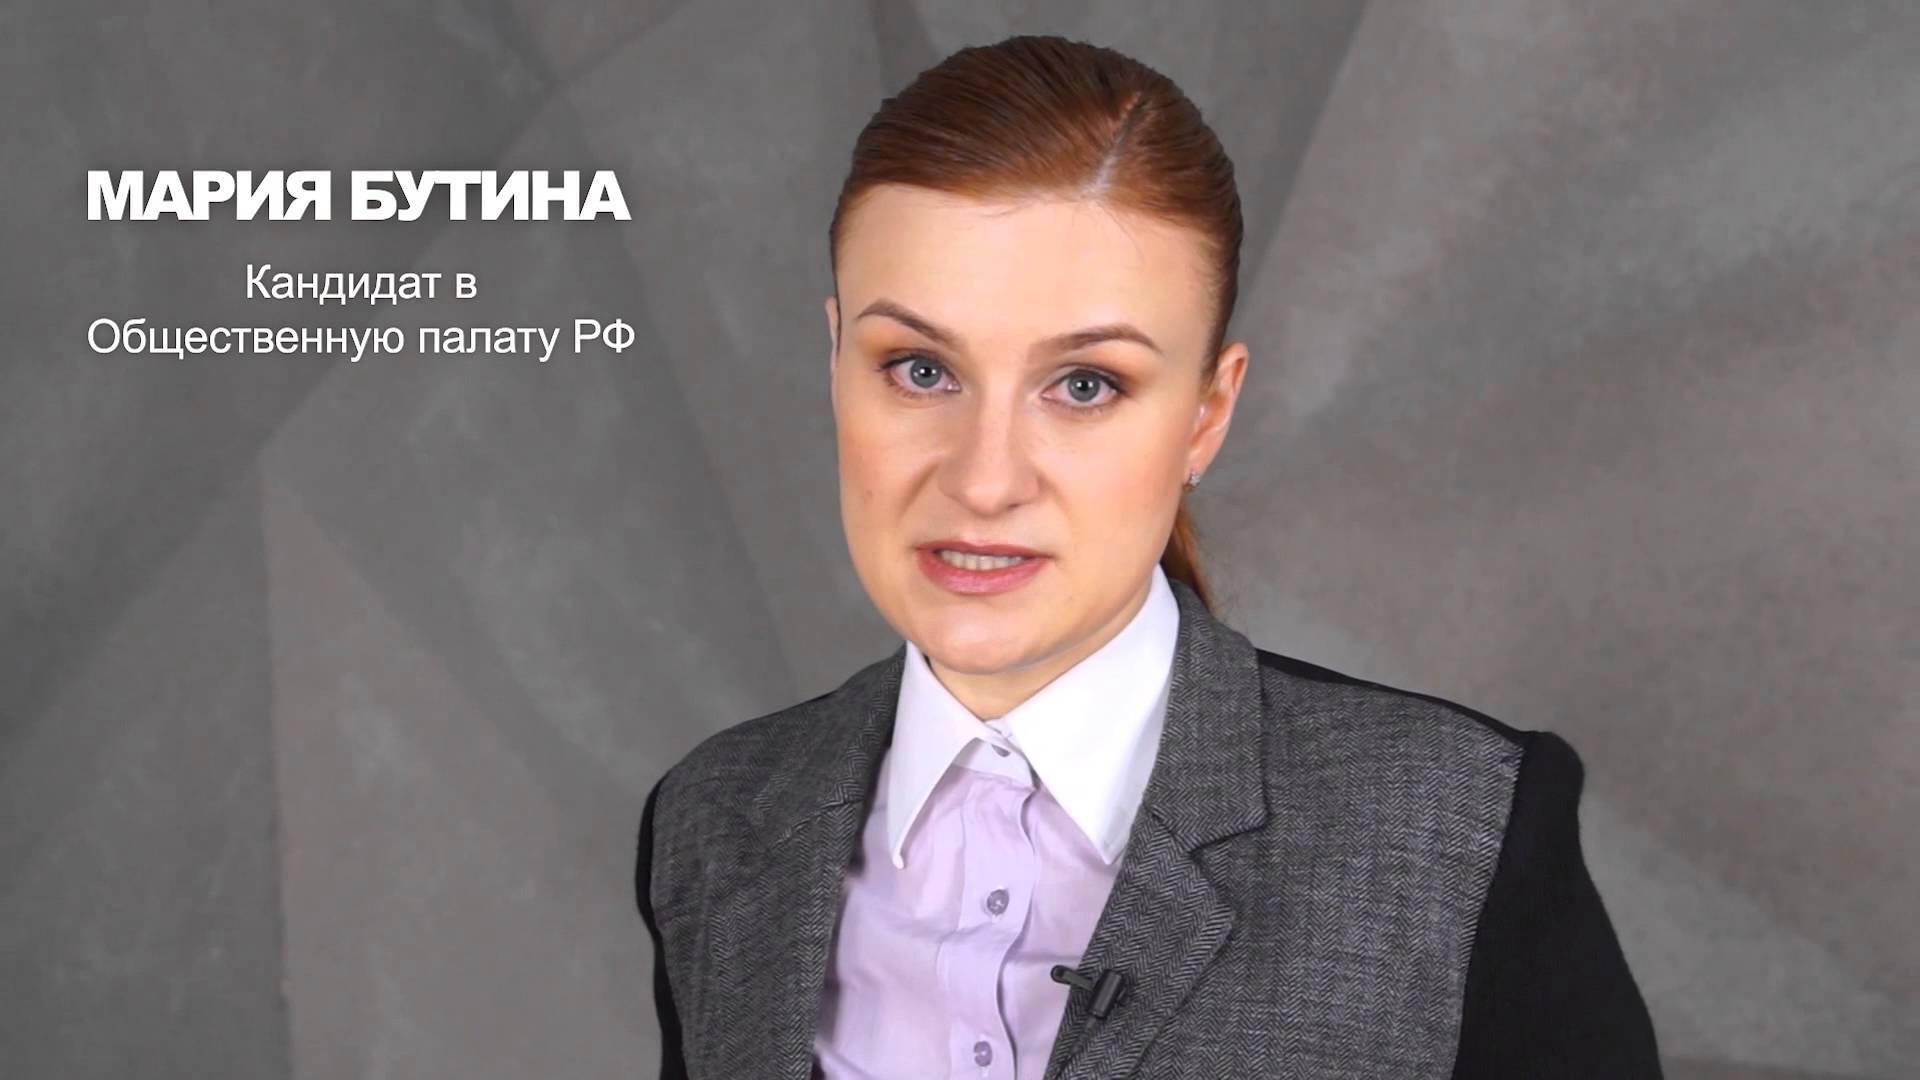 Суд в США арестовал россиянку Бутину, которую подозревают в шпионаже - Цензор.НЕТ 9581